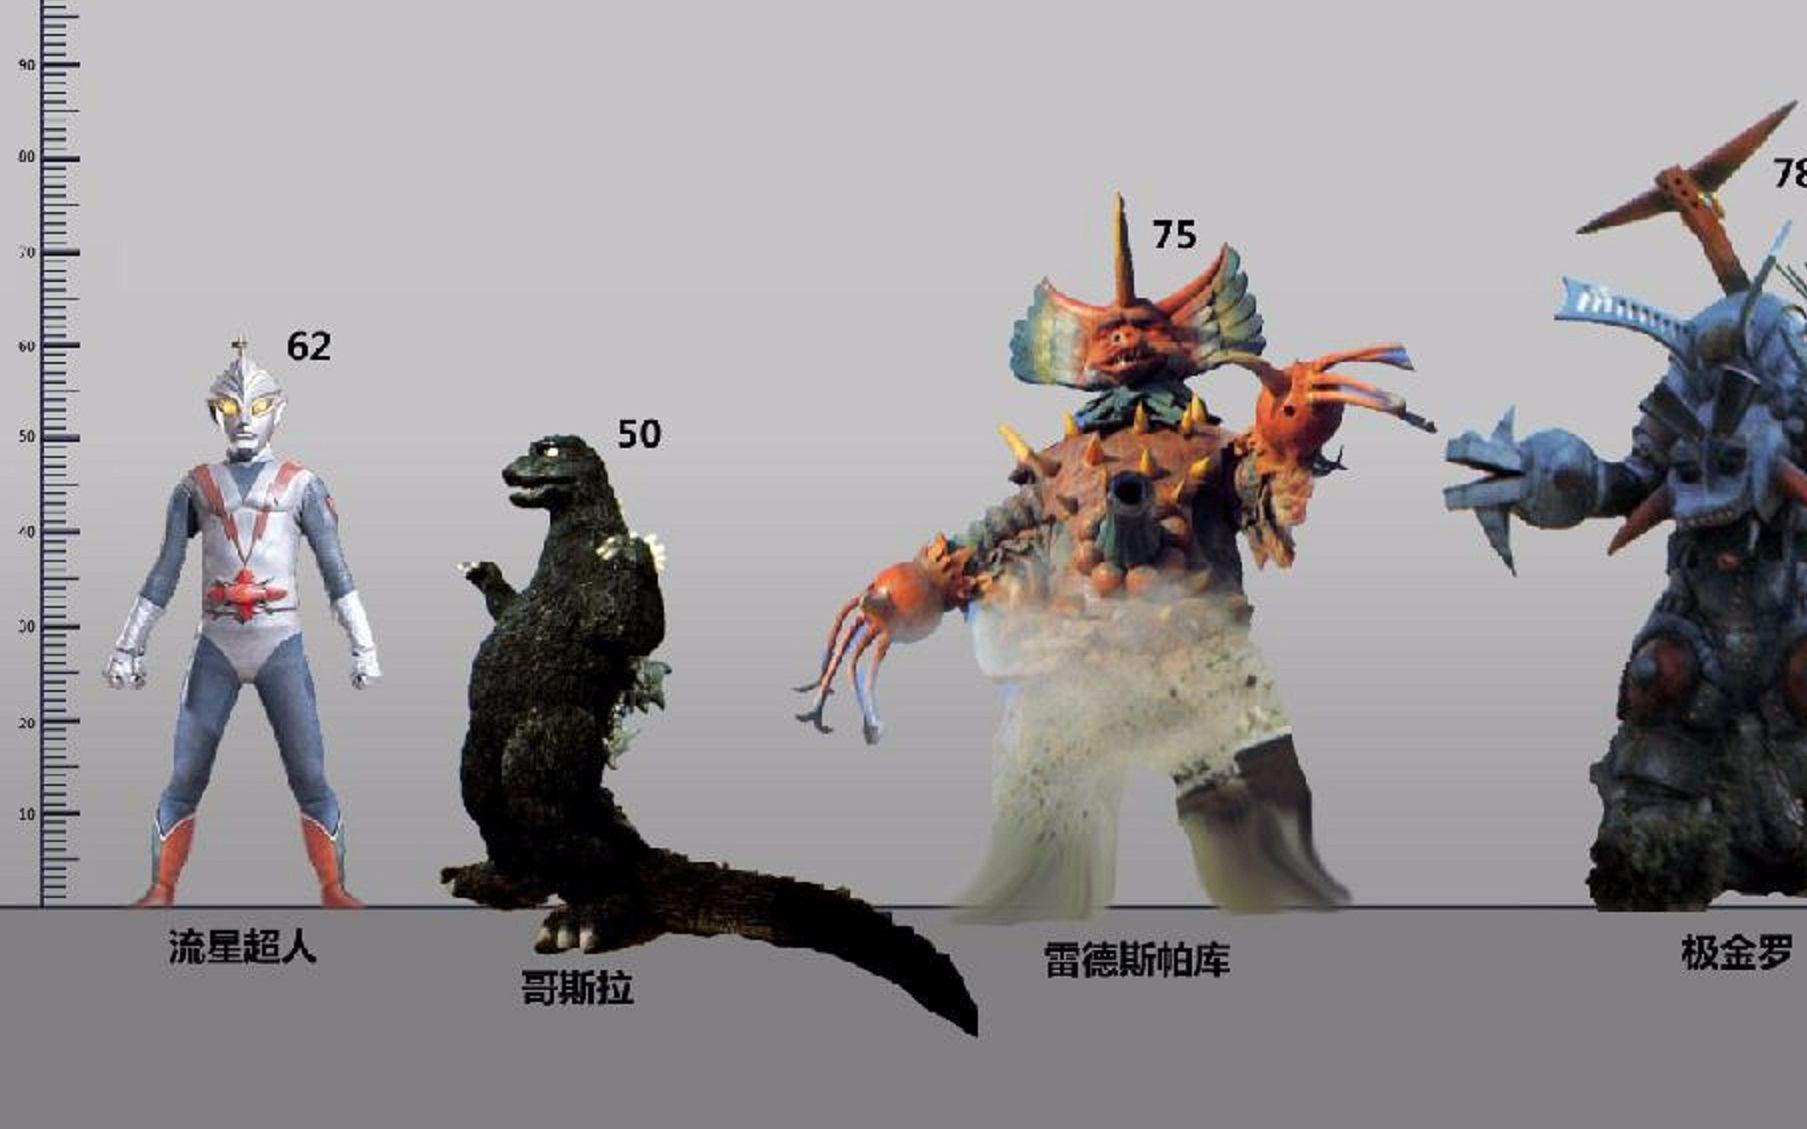 【比例圖】哥斯拉/流星超人 全登場怪獸比例圖_嗶哩嗶哩 (゜-゜)つロ 干杯~-bilibili